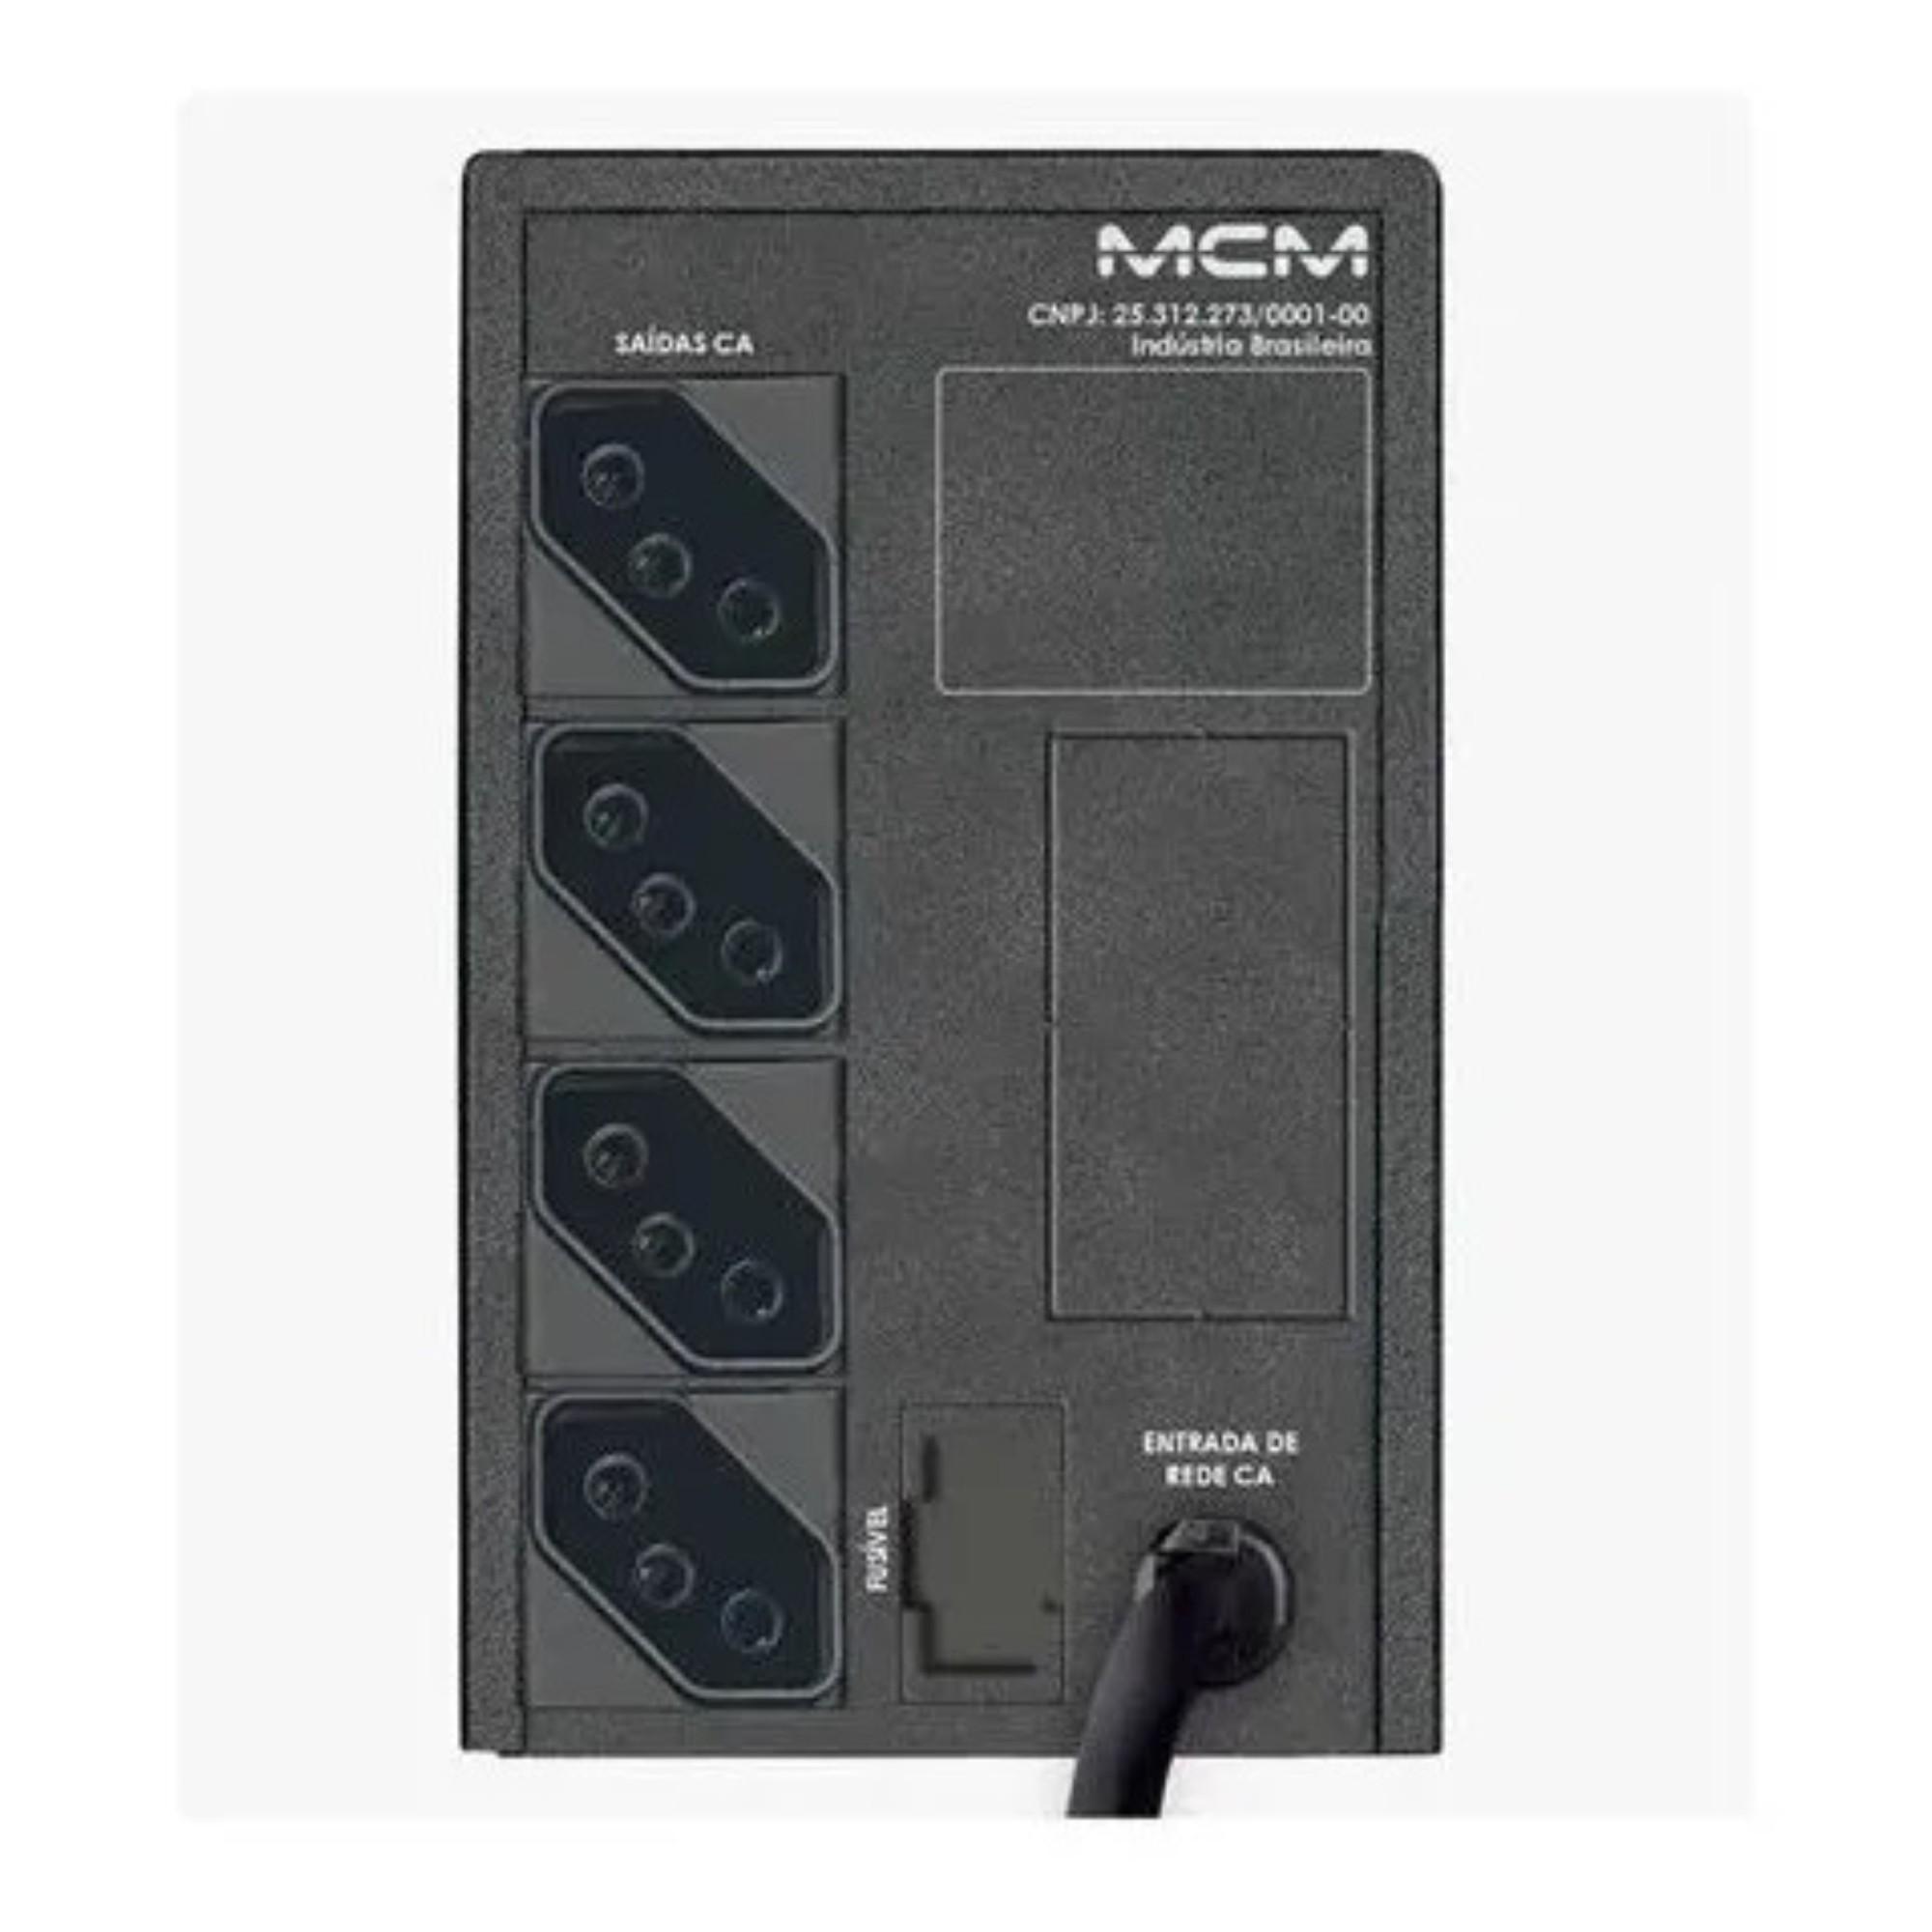 Nobreak MCM UPS 600VA 1.1 ONE Monovolt 127v